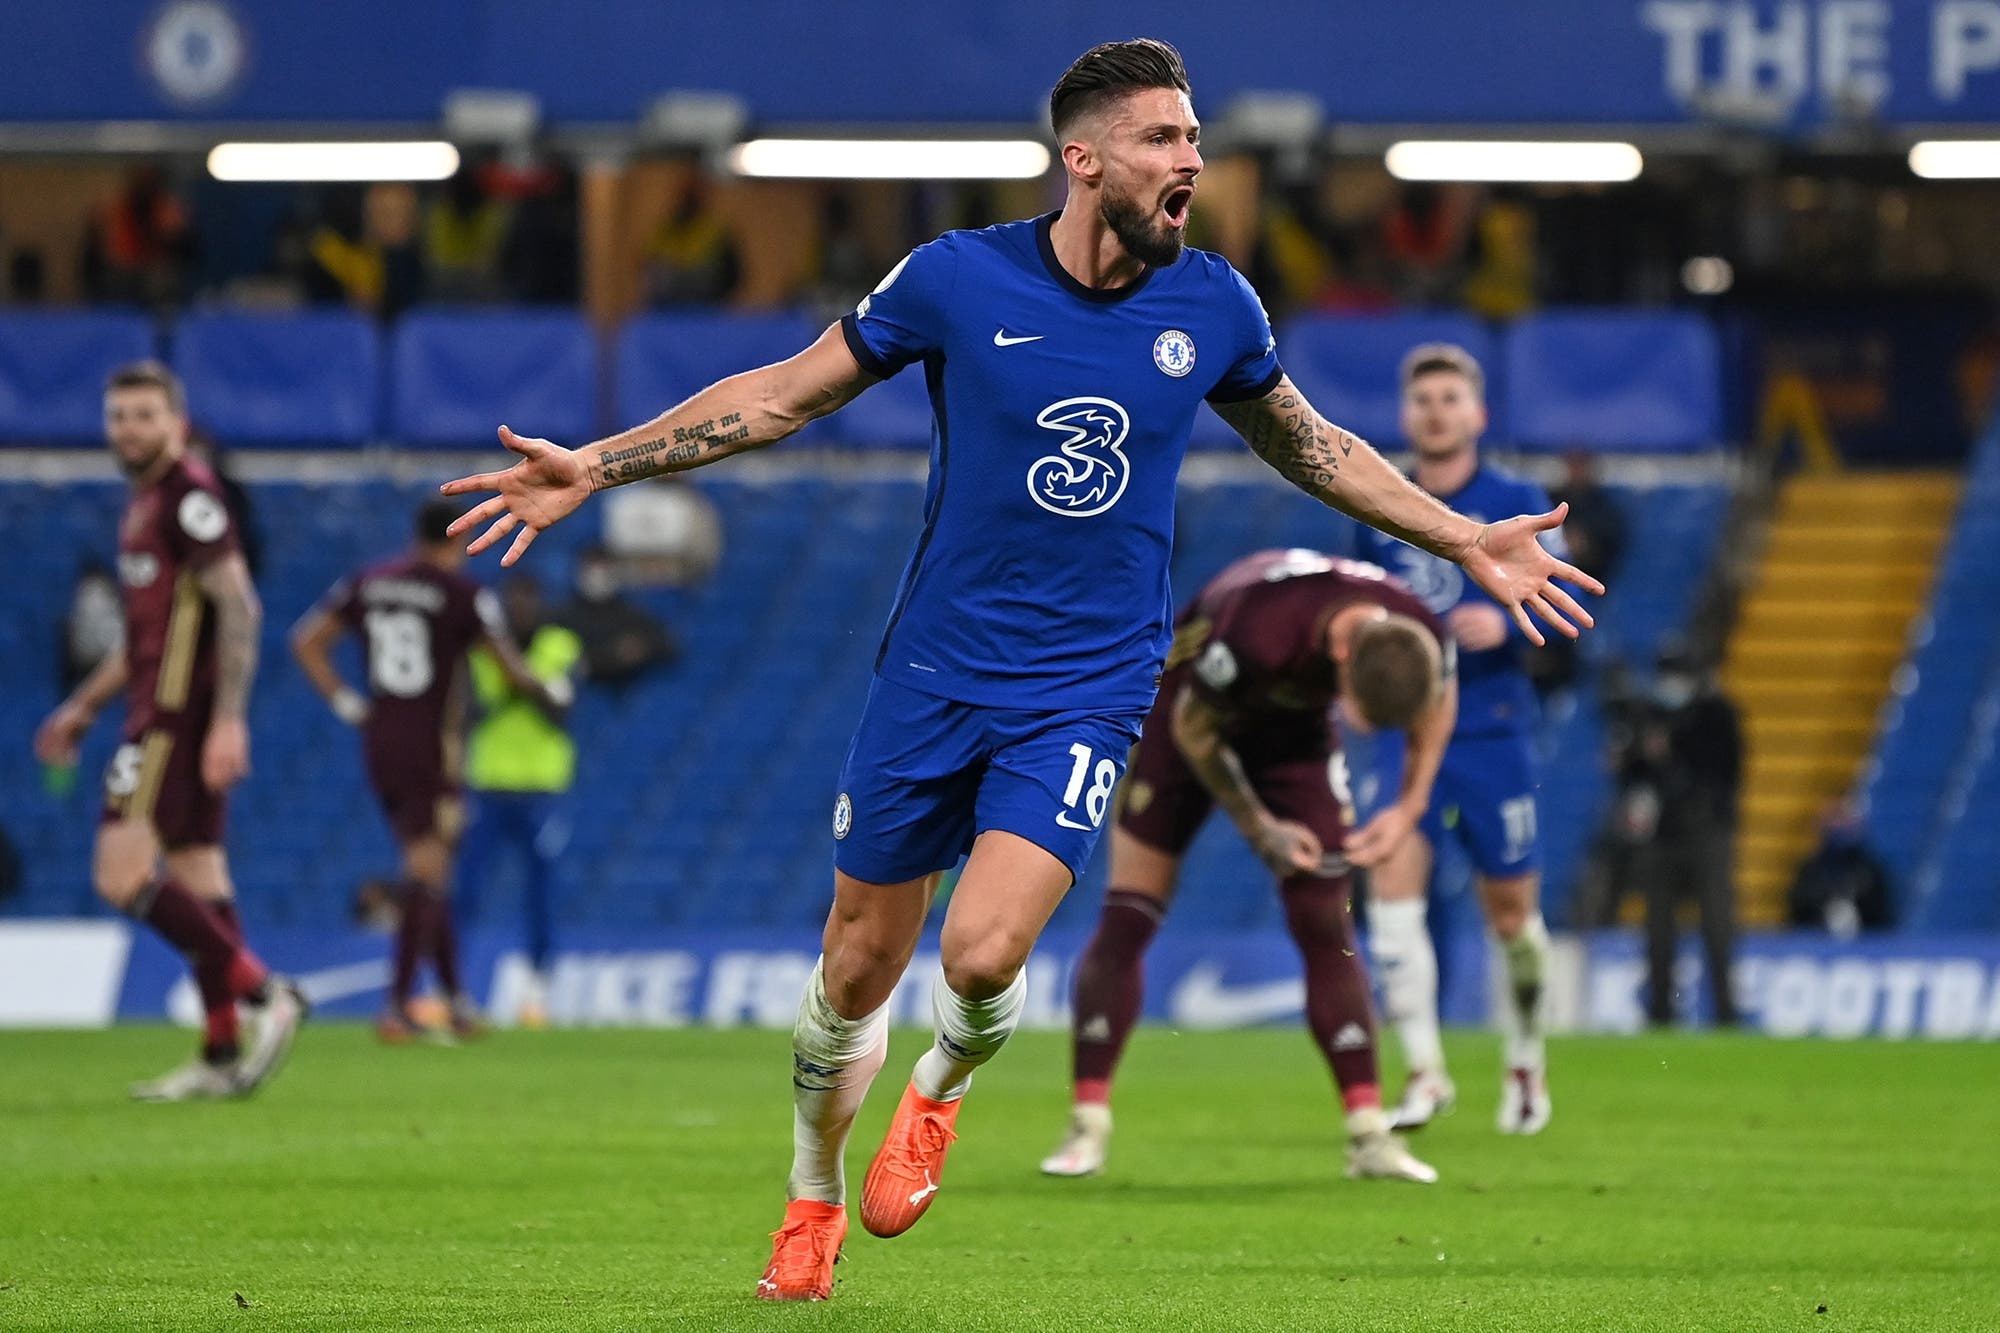 Chelsea-Leeds: el equipo de Marcelo Bielsa desaprovechó la ventaja inicial y perdió 3-1 ante el nuevo líder de la Premier League